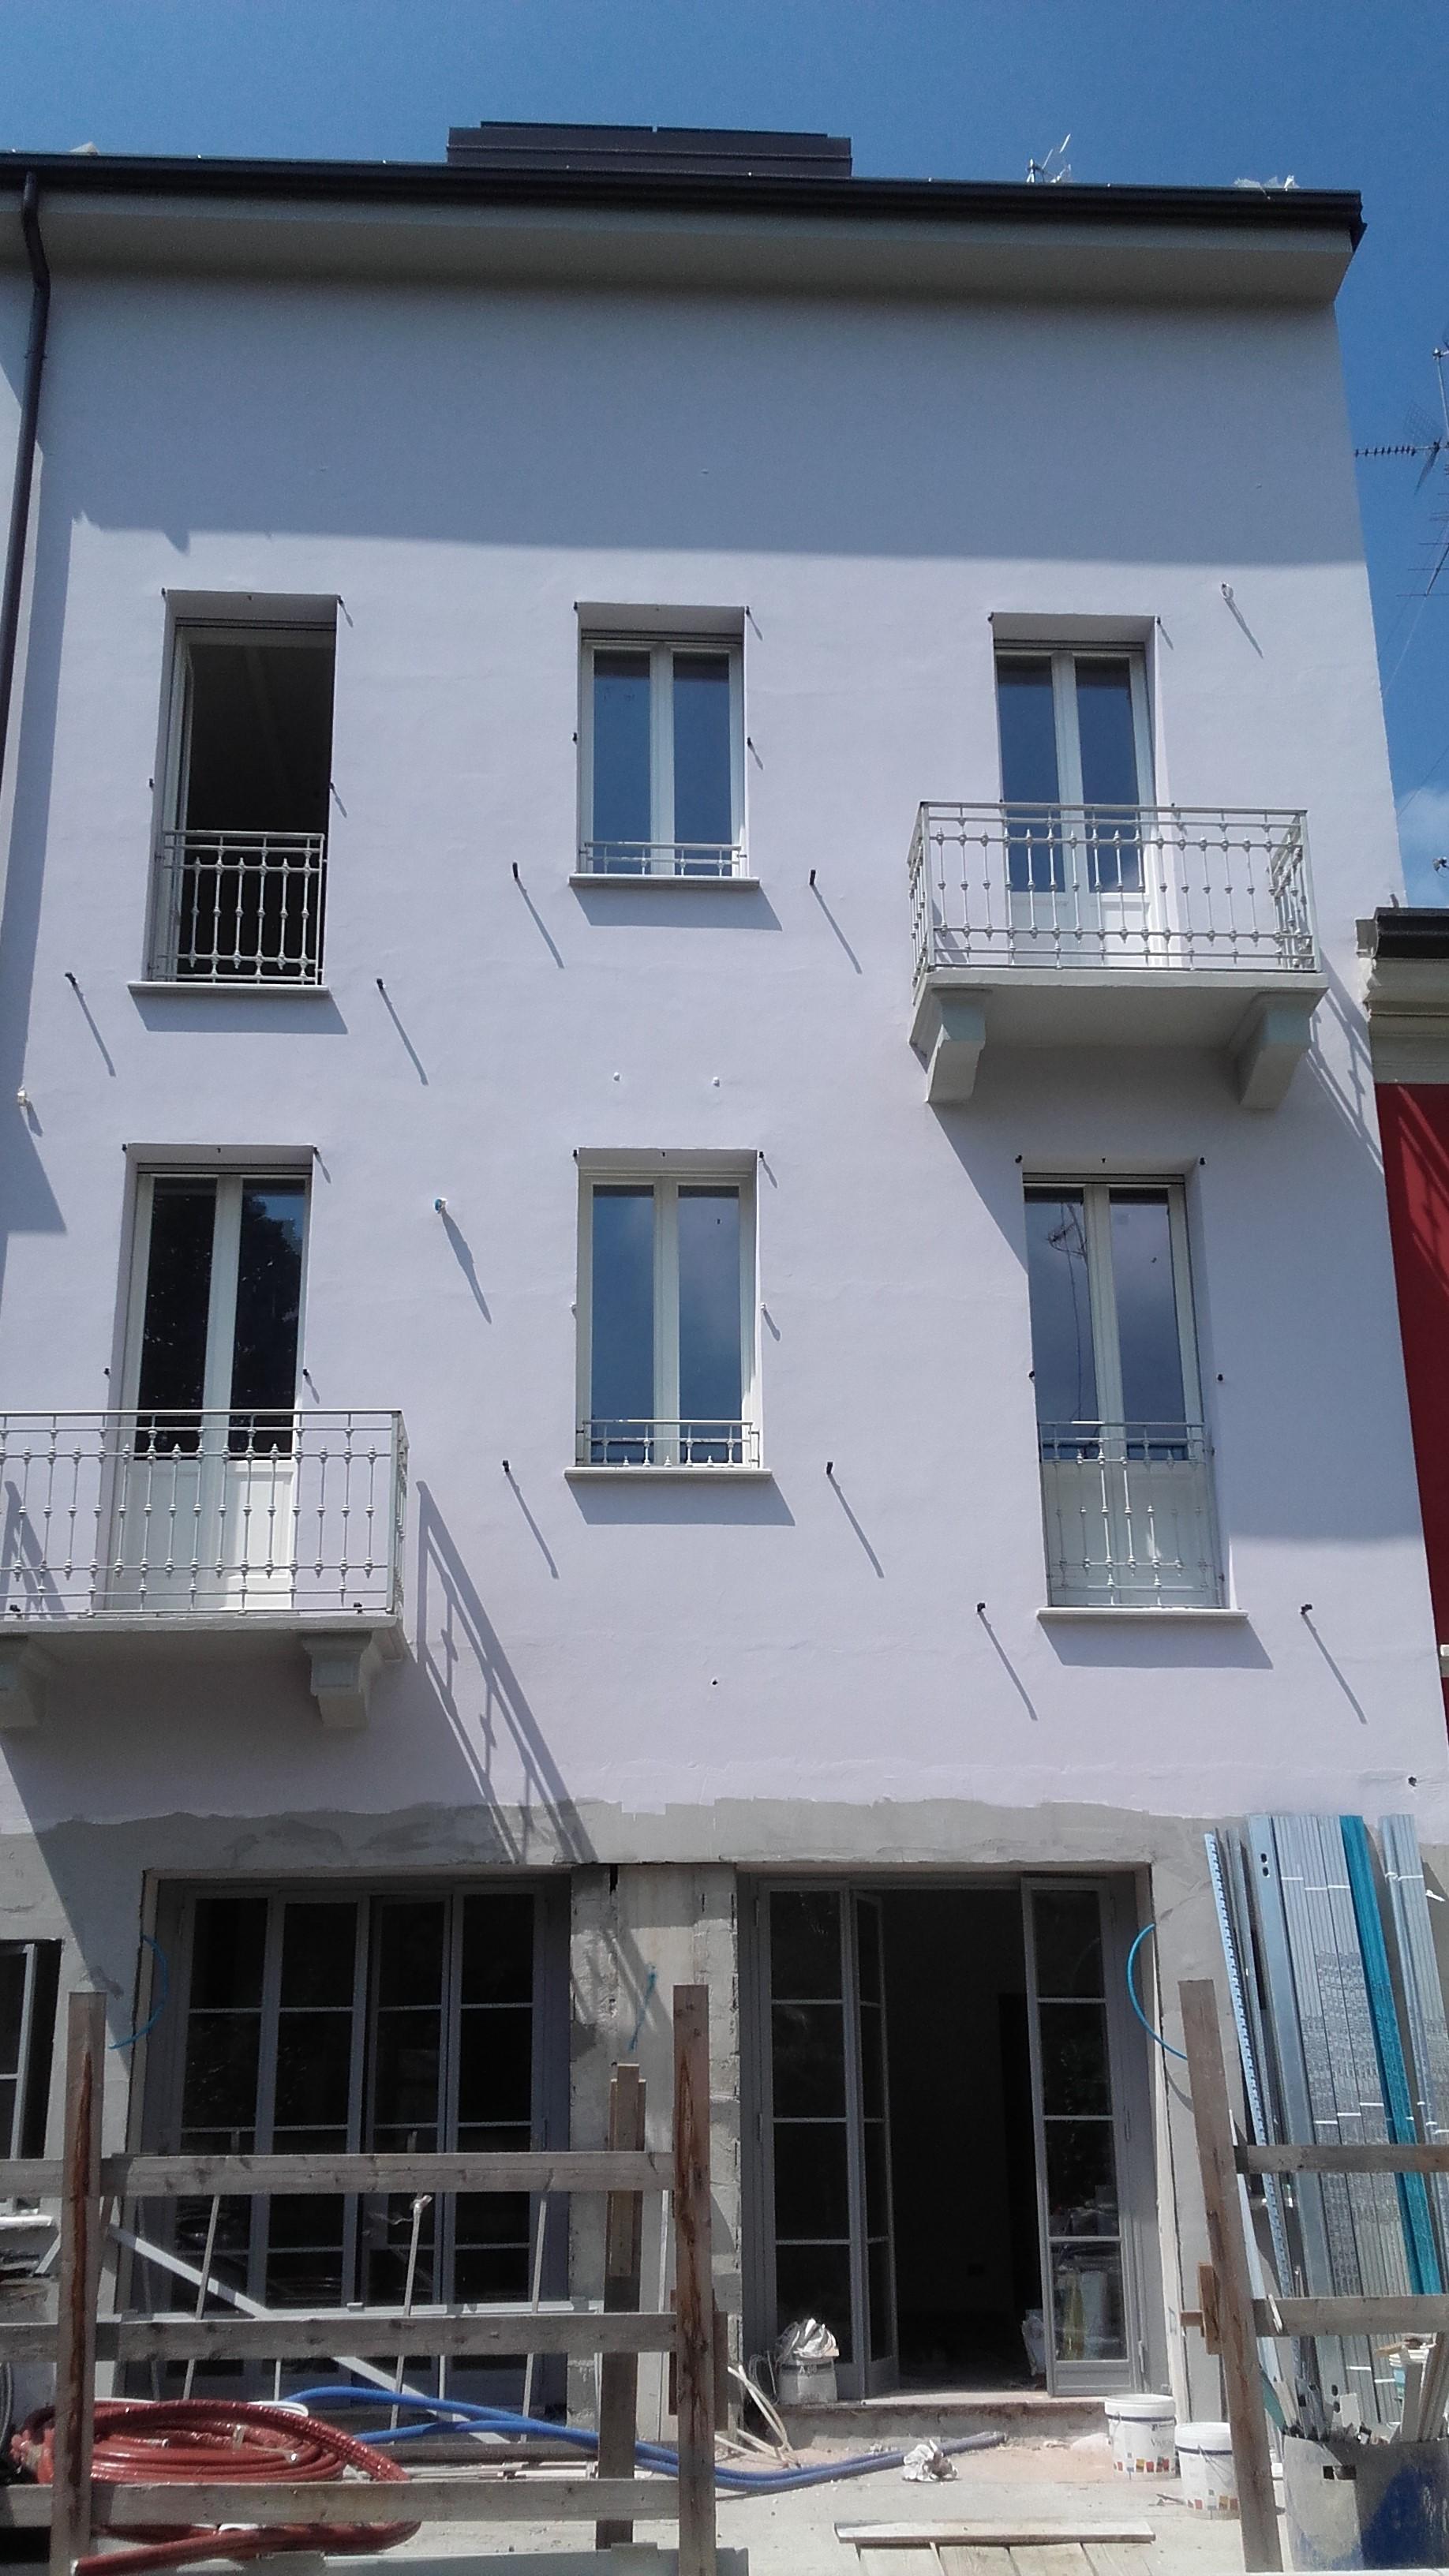 Parapetti per balconi e terrazze - MFS Carpenteria & Fabbro